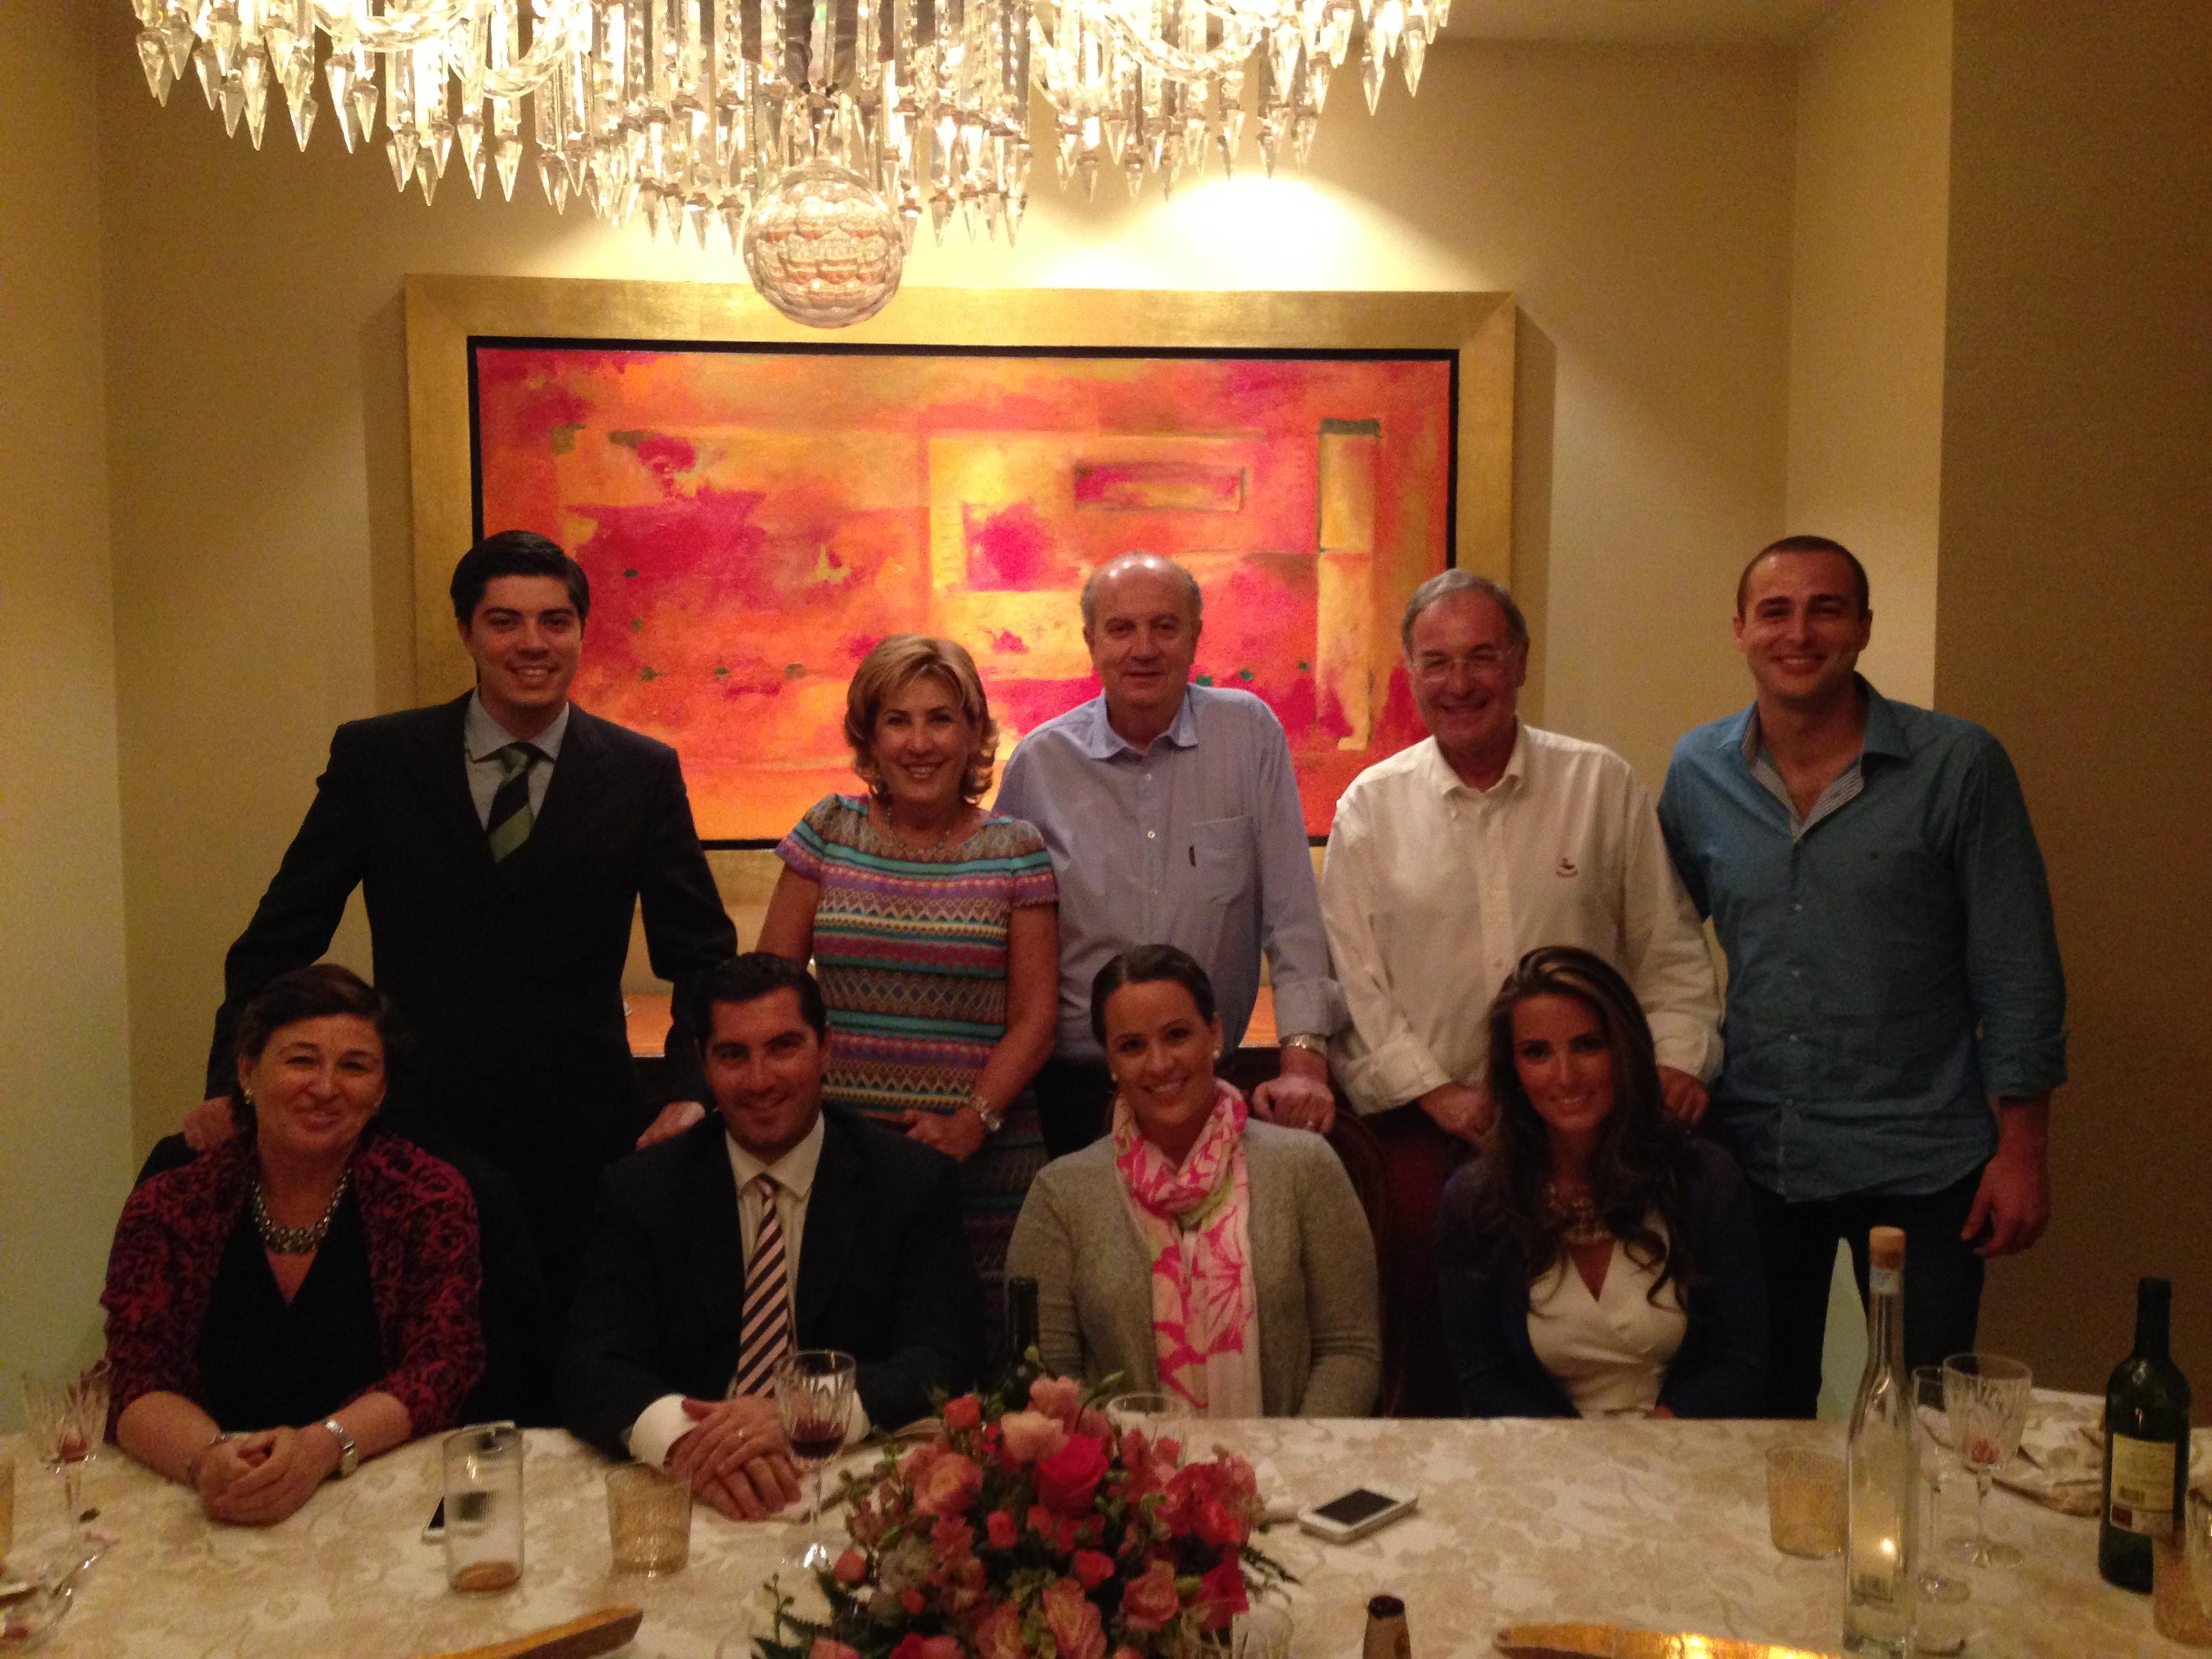 Cenando en Casa de los Carredano. De izquierda a derecha y de arriba a abajo. Javier, María Fernanda, Lalo, mi Padre, yo, mi Madre, Eduardo, Casilda y Marina